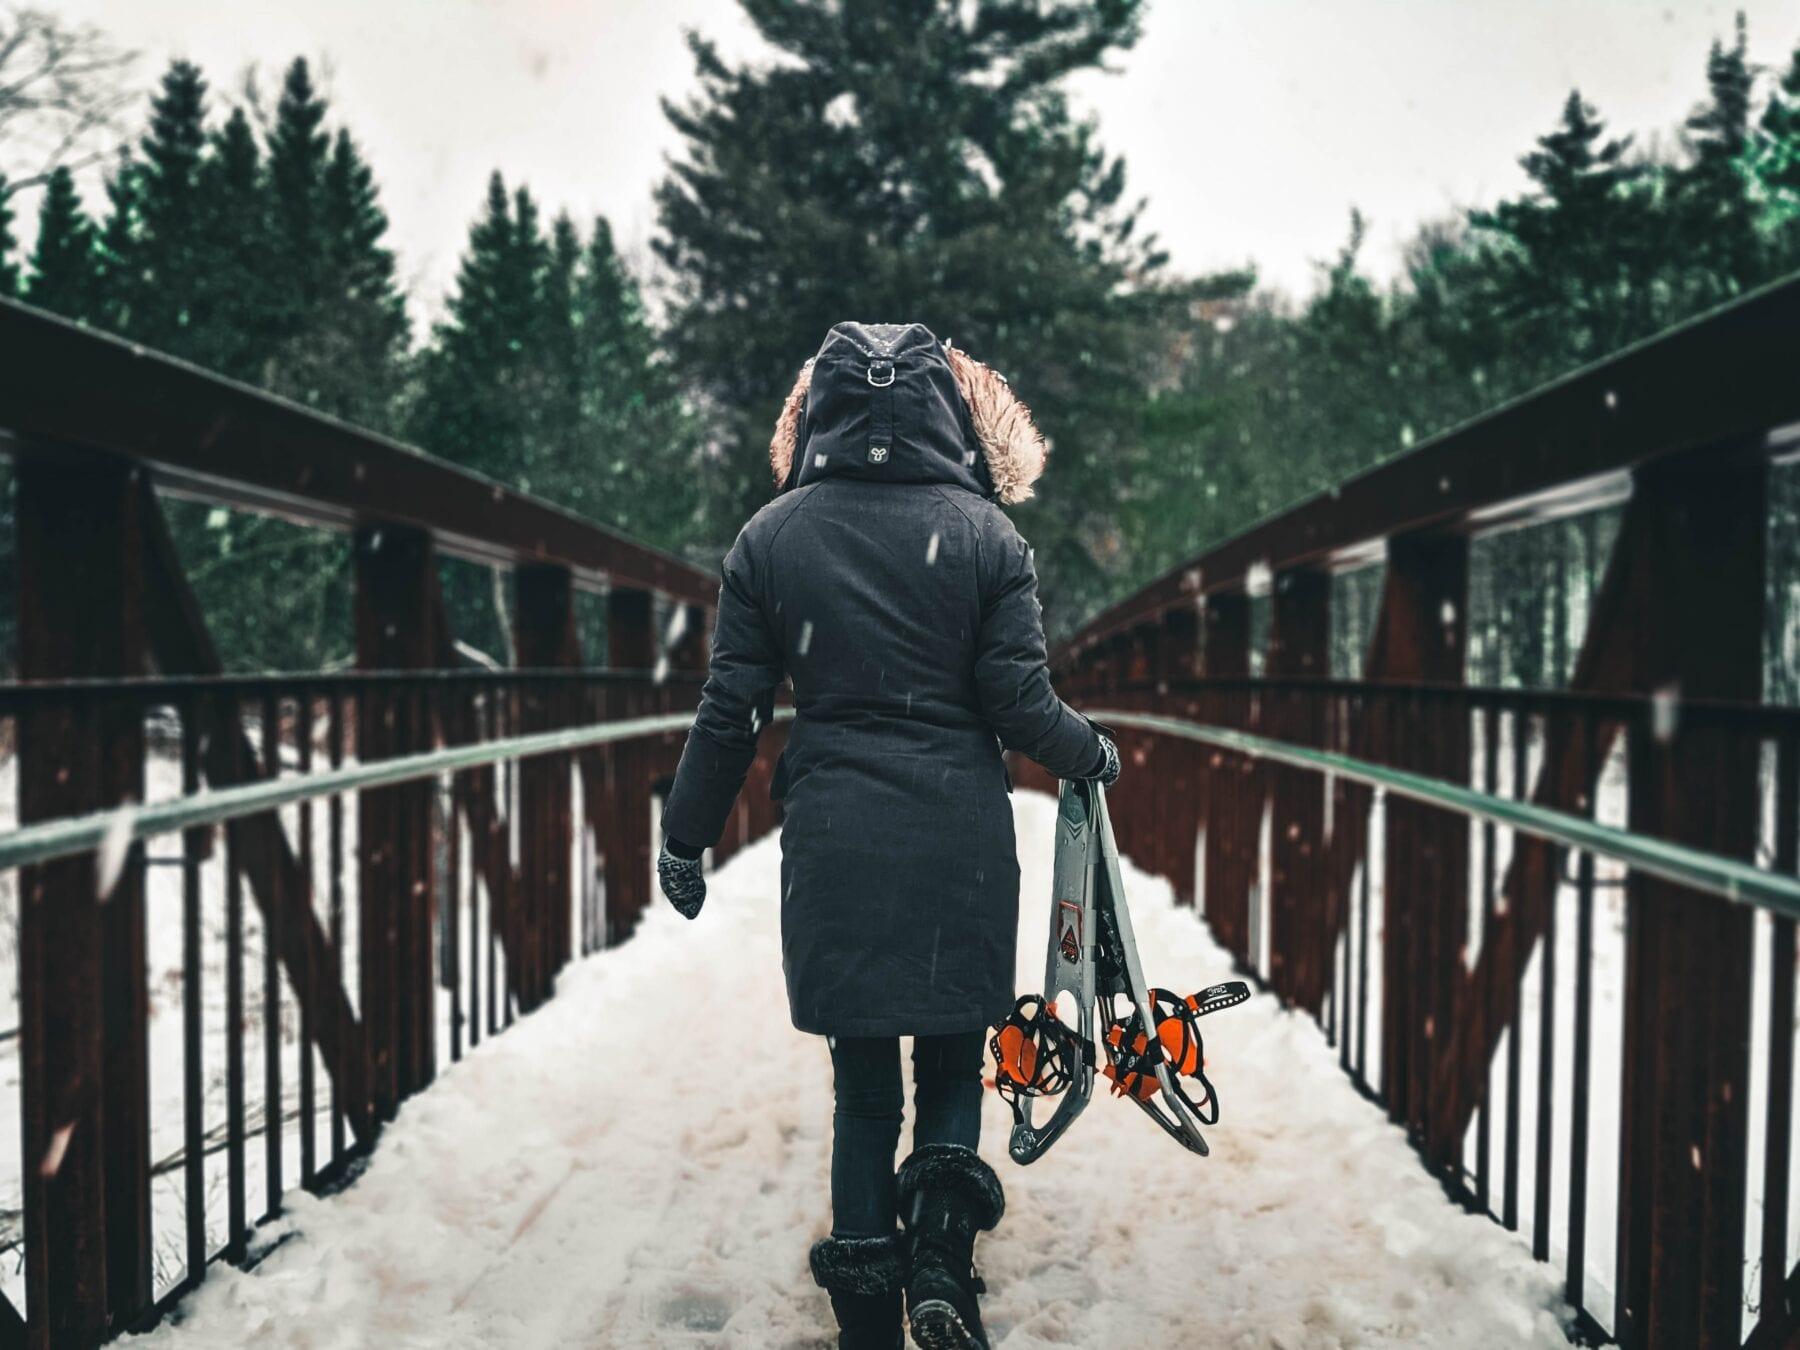 blijf warm in de winter kou sneeuwschoenwandeling